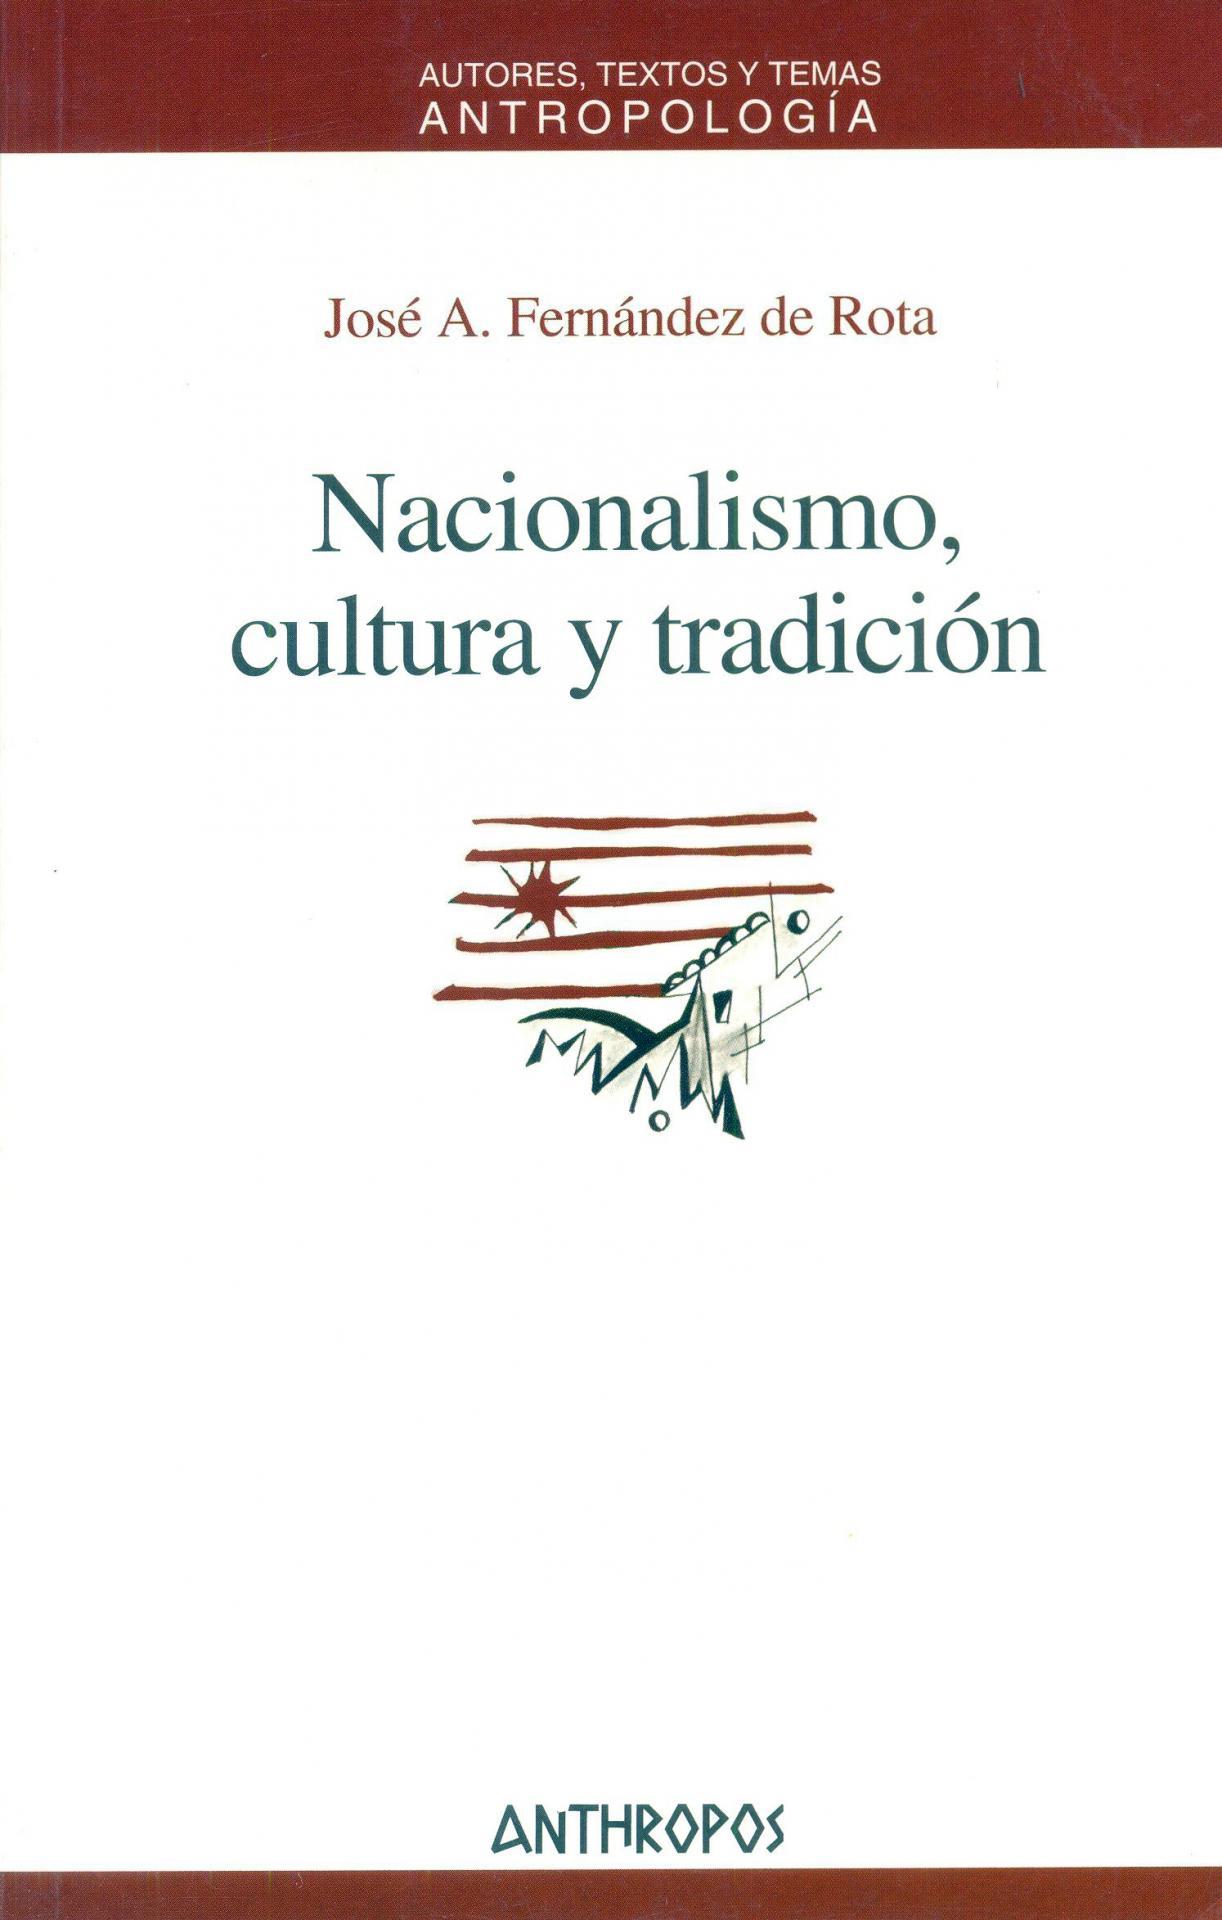 NACIONALISMO, CULTURA Y TRADICIÓN. Fernández de la Rota, JA.